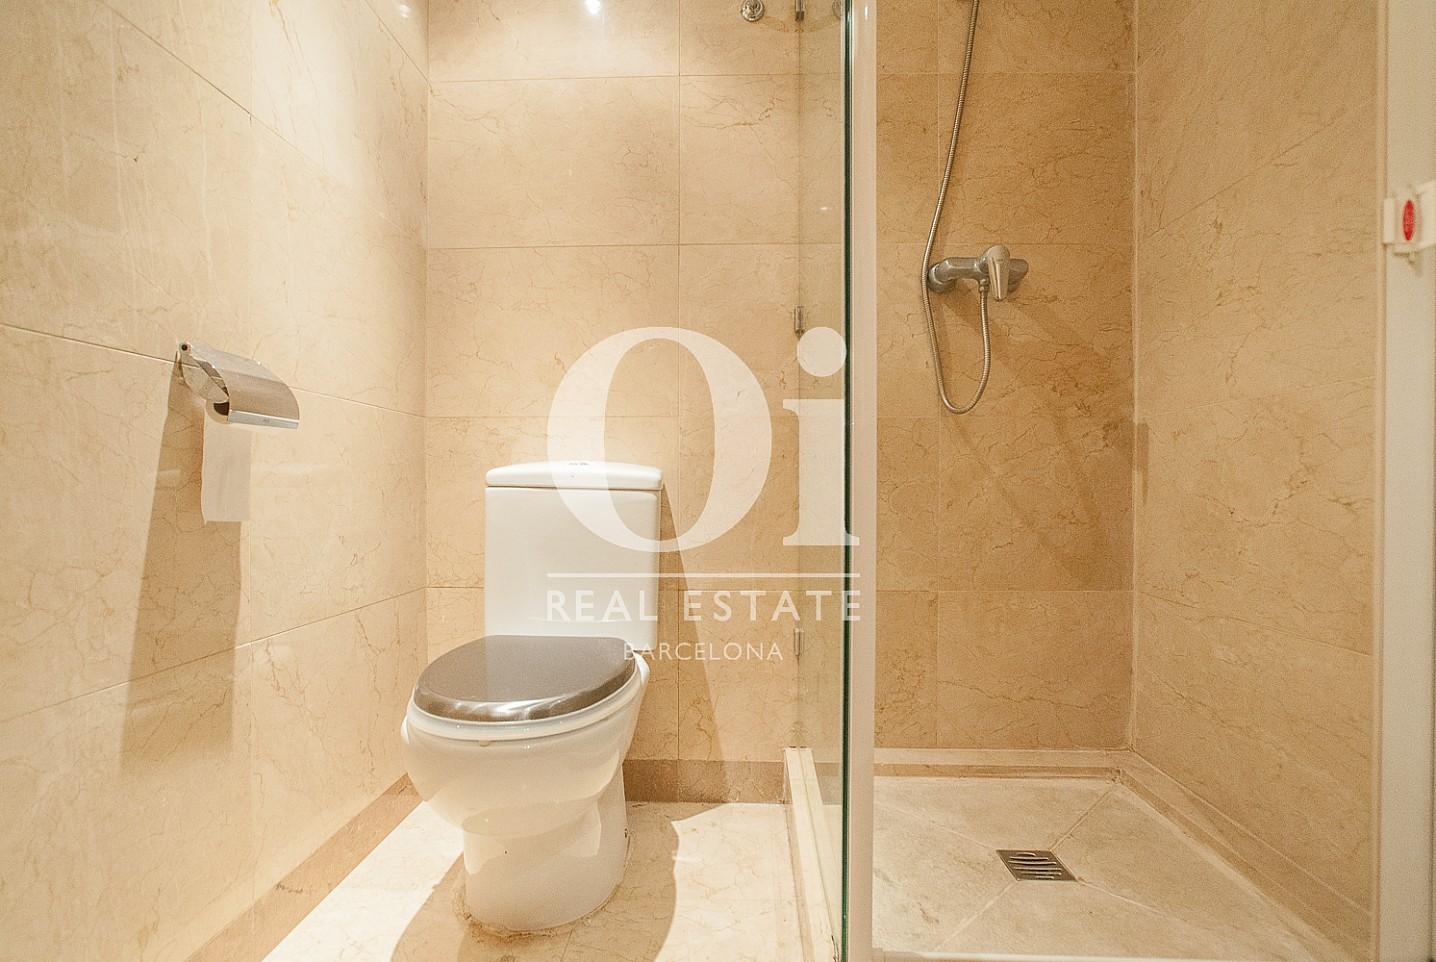 Salle de bain complète dans un appartement en vente à Barcelone, Diagonal Mar